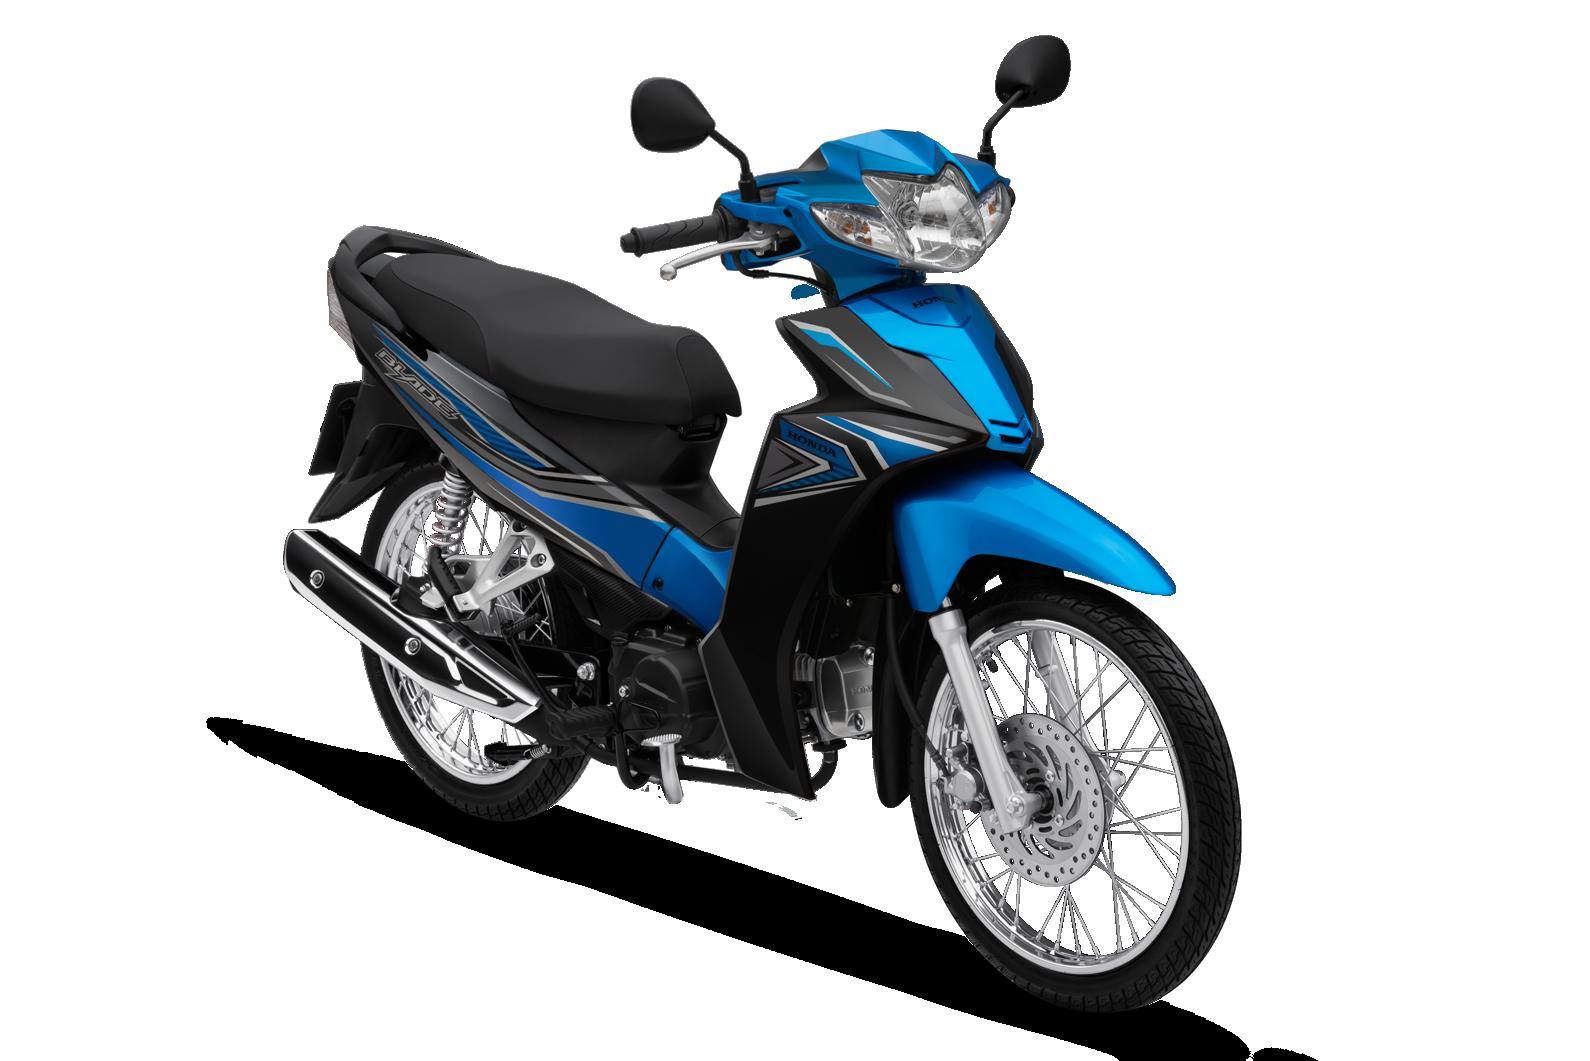 Honda Blade phiên bản tiêu chuẩn (phanh cơ, vành nan hoa) màu xanh đen